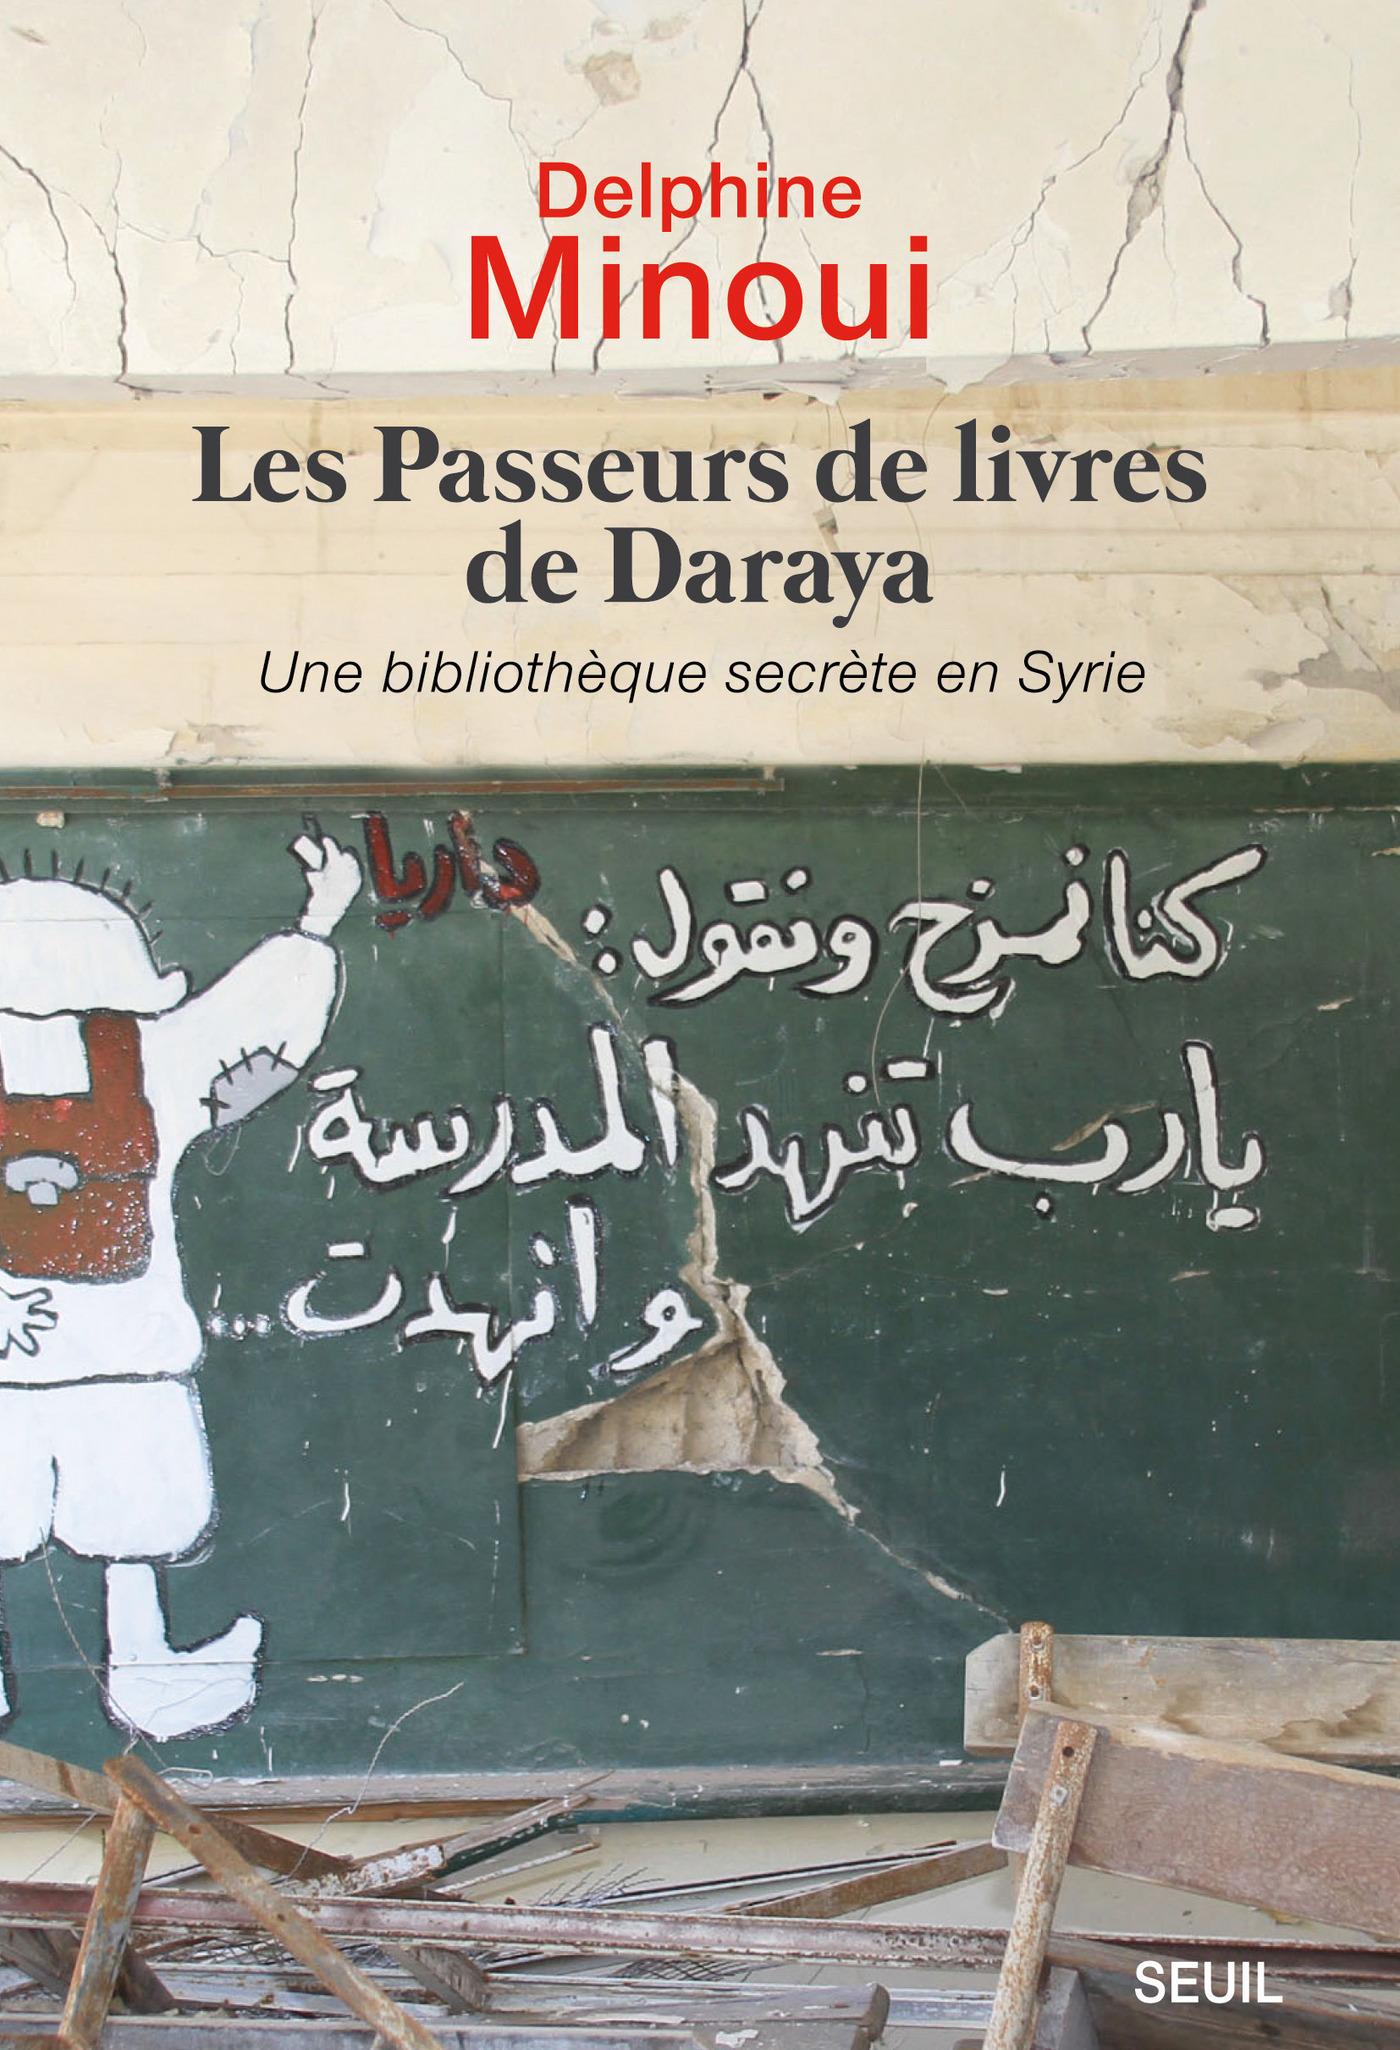 Les Passeurs de livres de Daraya. Une bibliothèque clandestine en Syrie |